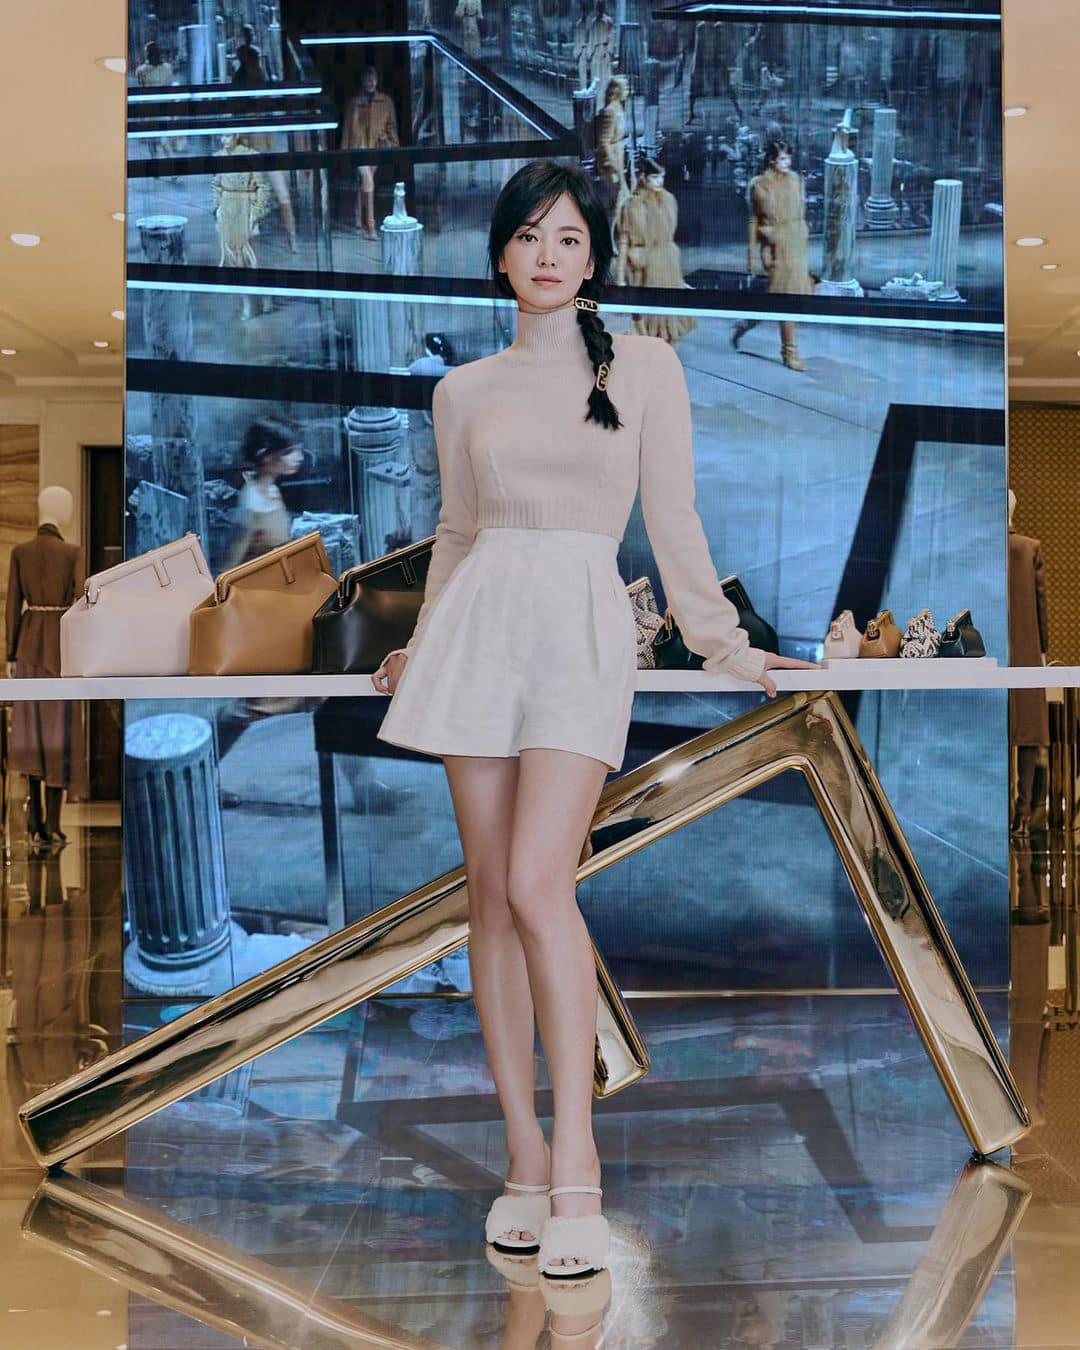 Kết hợp áo cổ lọ, quần shorts và giày cao gót nhẹ nhàng, Song Hye Kyo không thể đơn giản hơn những vẫn toát lên nét đẳng cấp, sang trọng. Kiểu tóc tết lệch kẹp nhỏ làm điểm nhấn của nữ diễn viên cũng được khen ngợi vì giúp cô tôn vinh nhan sắc hack tuổi.